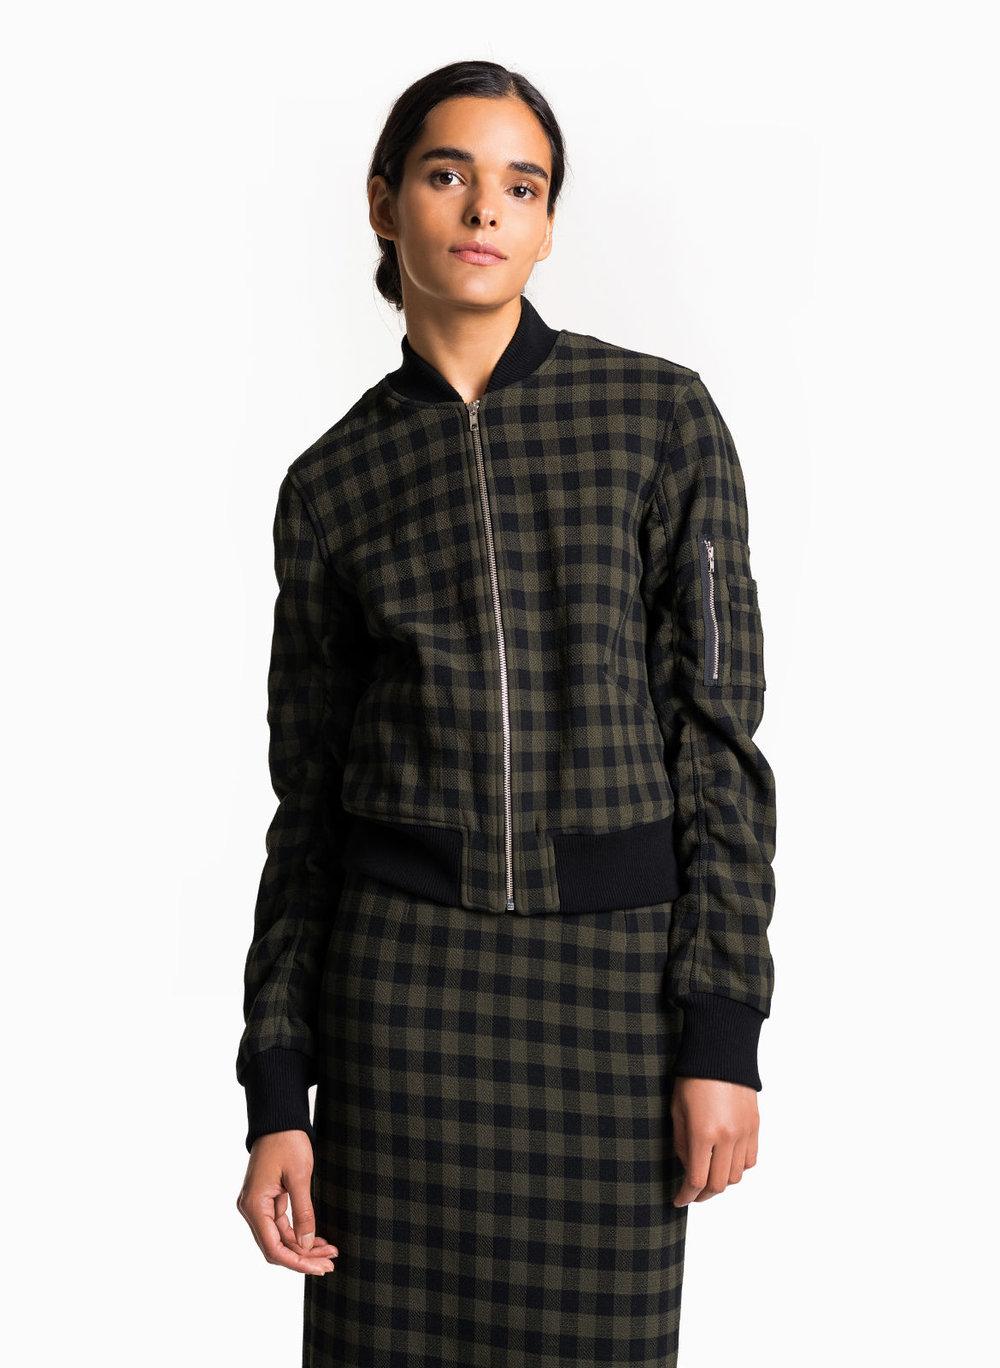 64_andrew_jacket_thea_skirt_0044.jpg